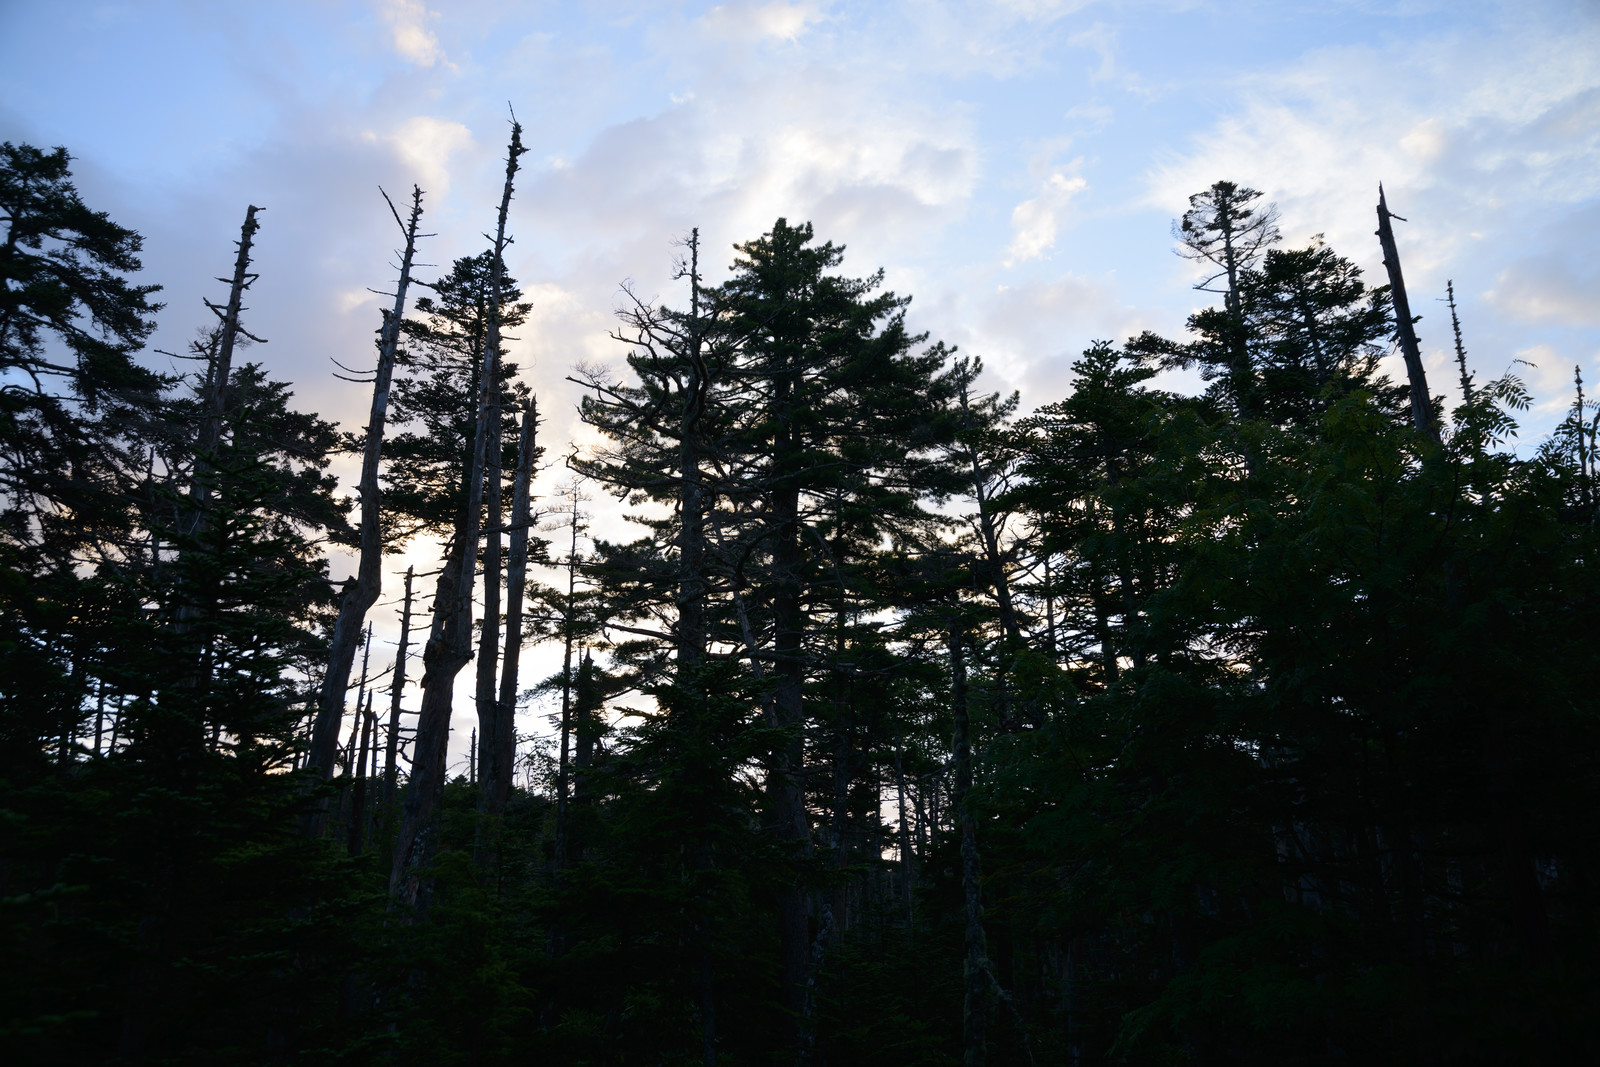 「森の中の立ち枯れの木々(白駒湿原)」の写真